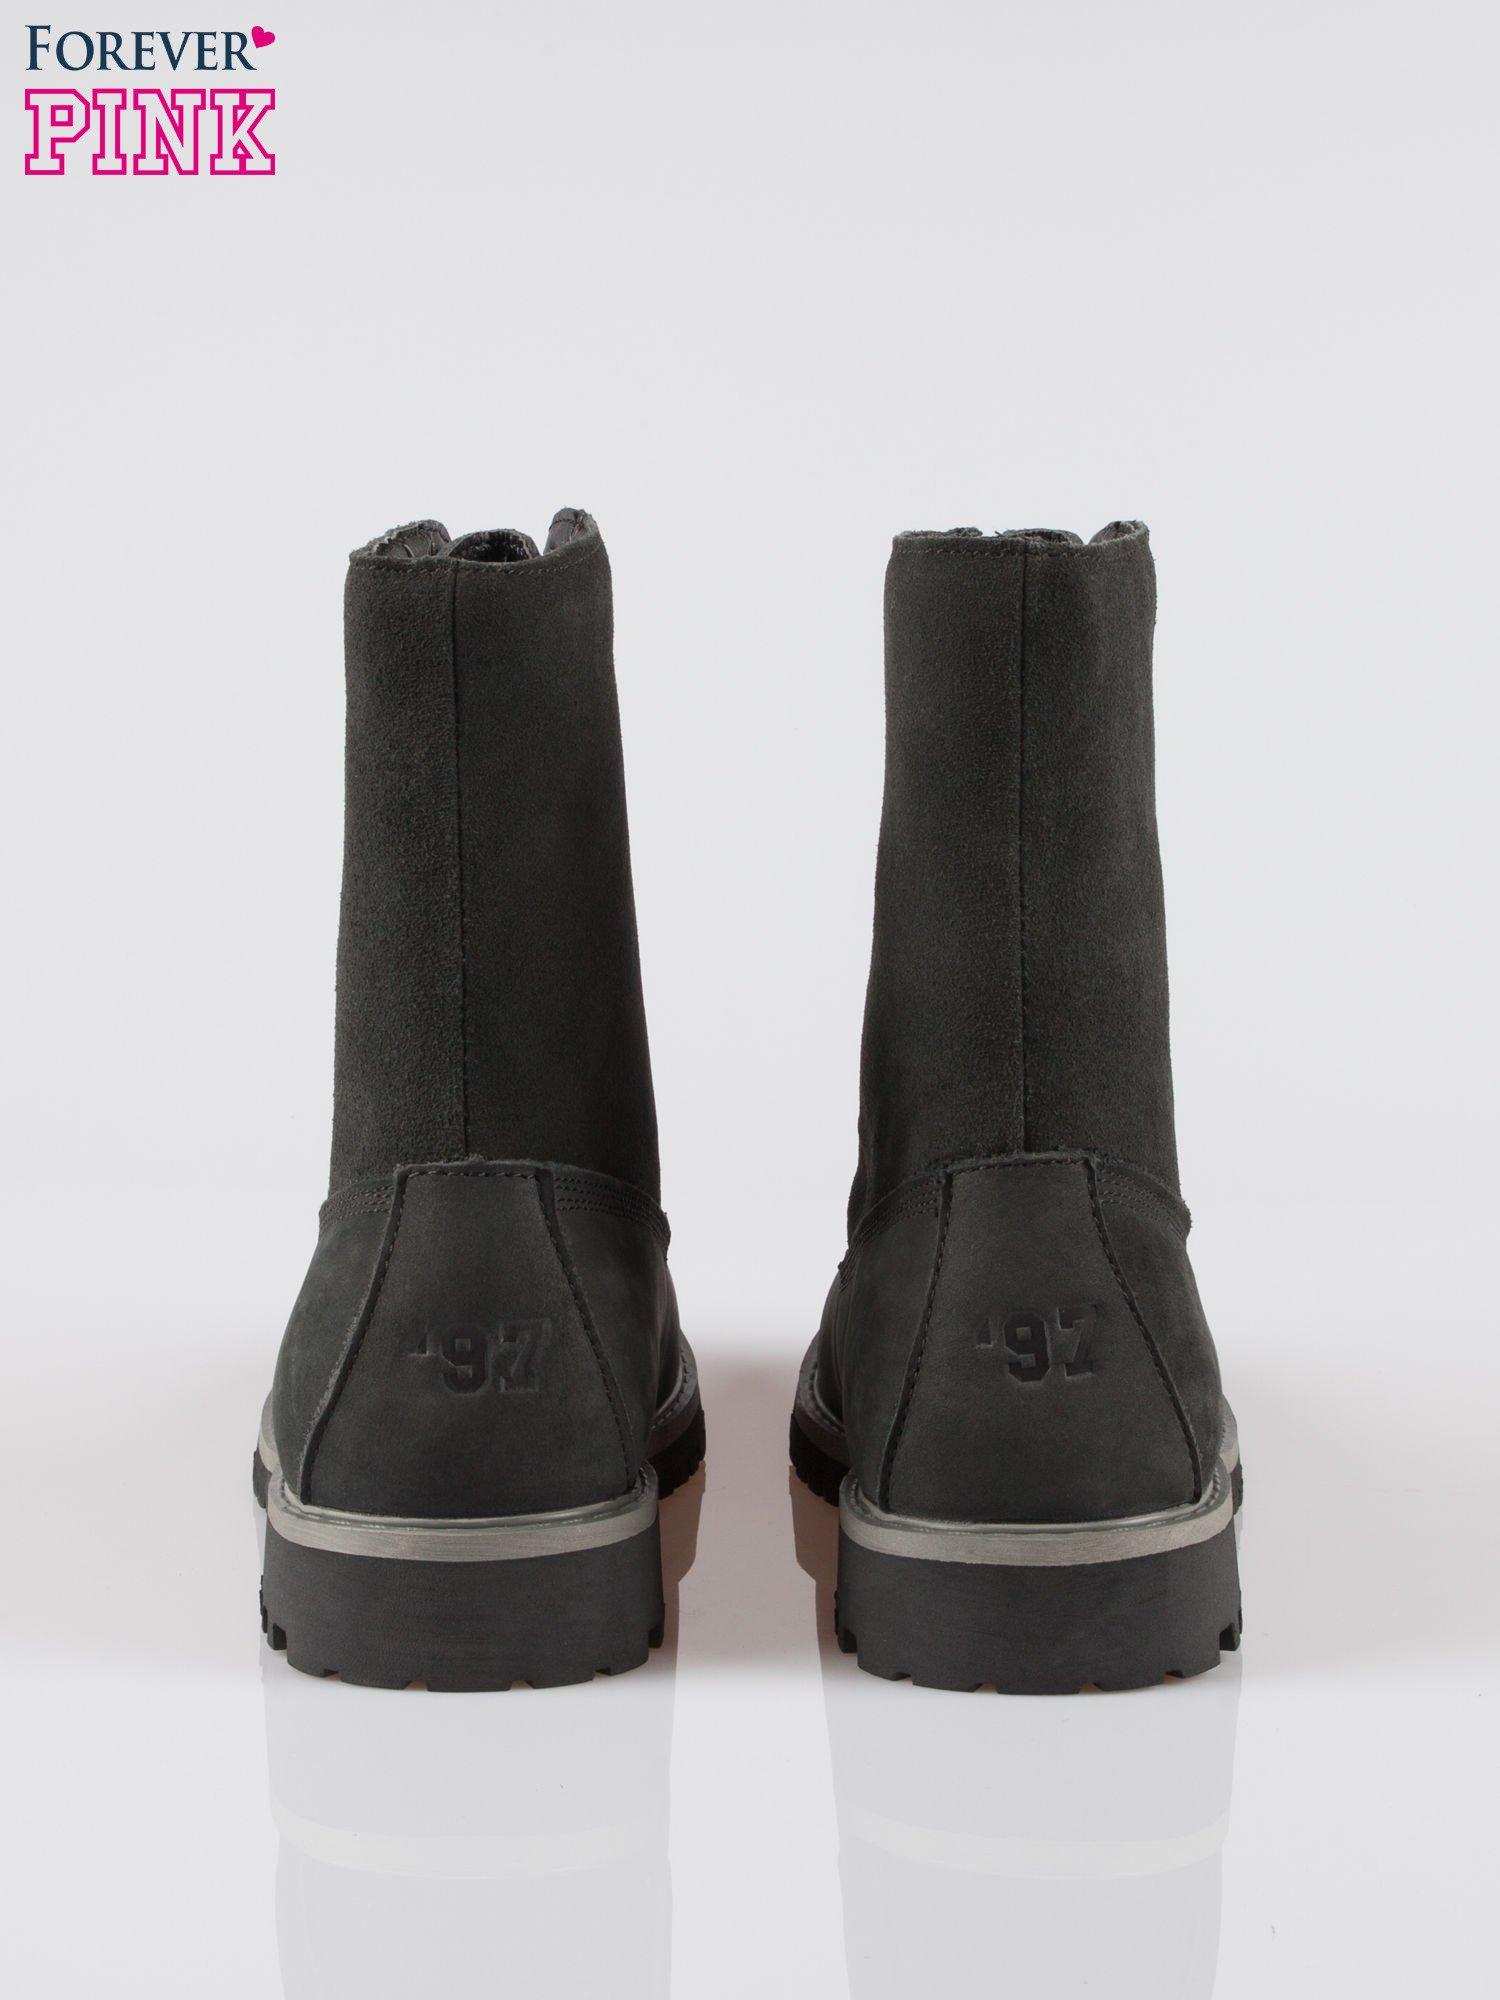 Czarne wysokie buty trekkingowe traperki damskie ze skóry naturalnej                                  zdj.                                  3